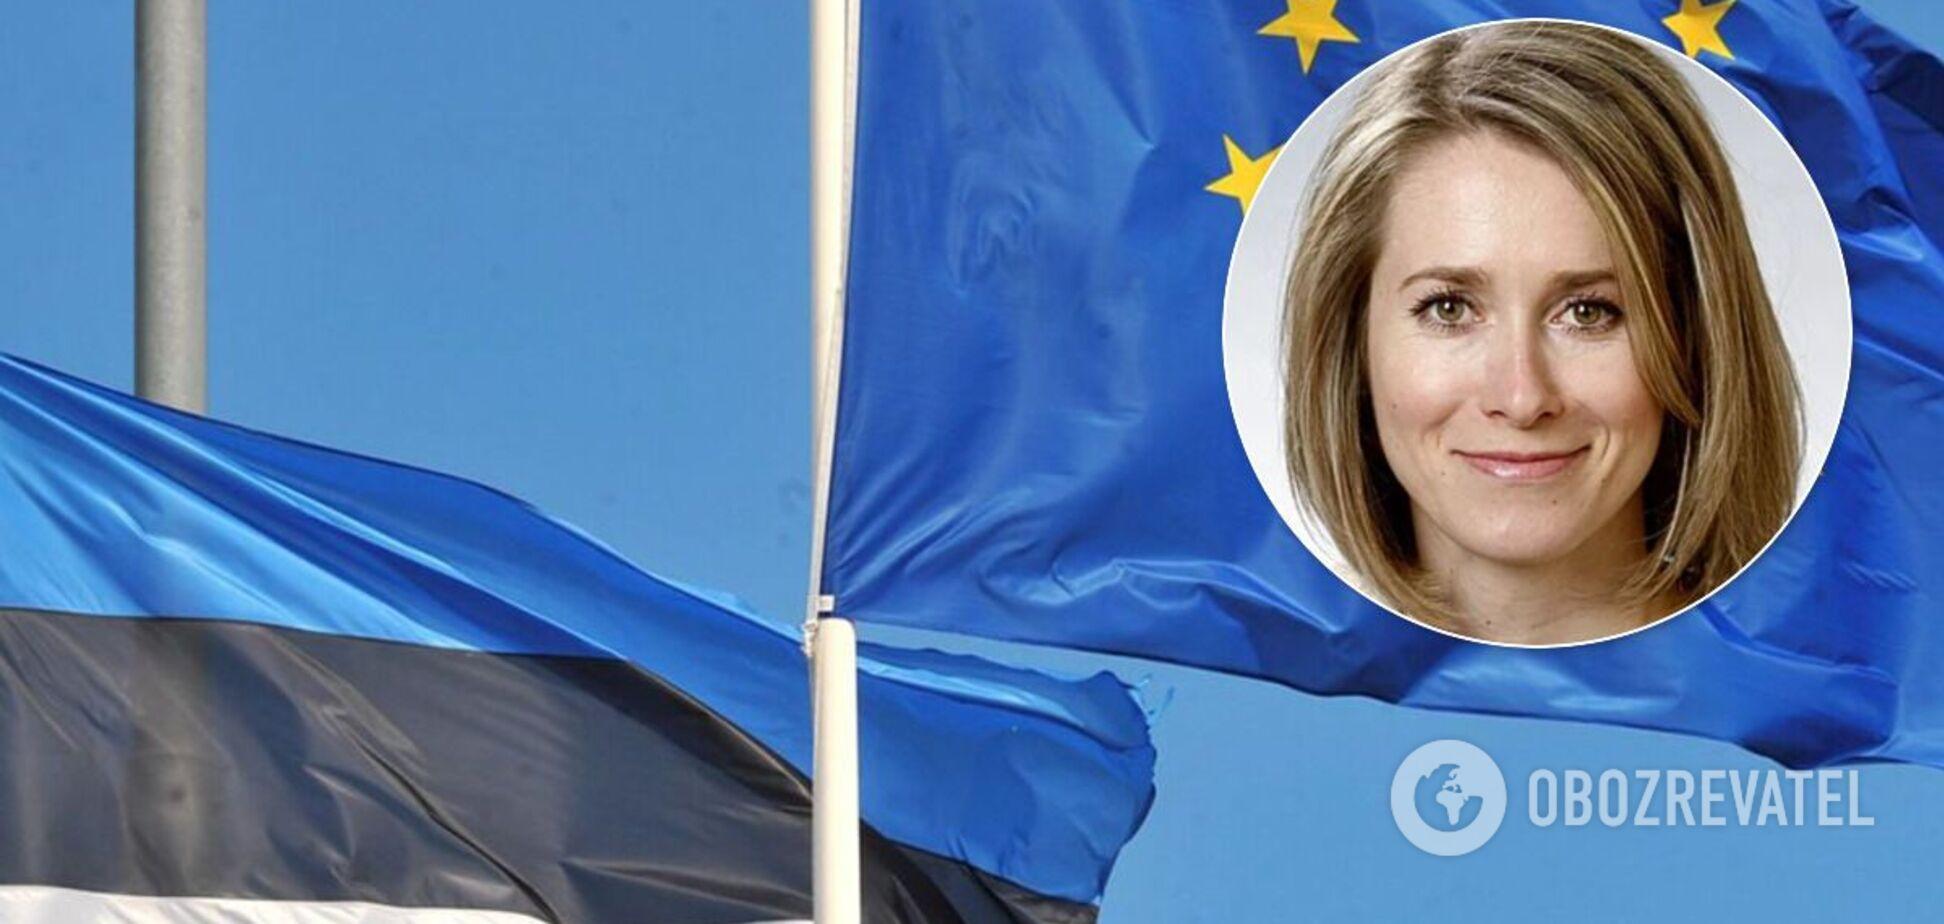 Прем'єр-міністерка Естонії Кая Каллас